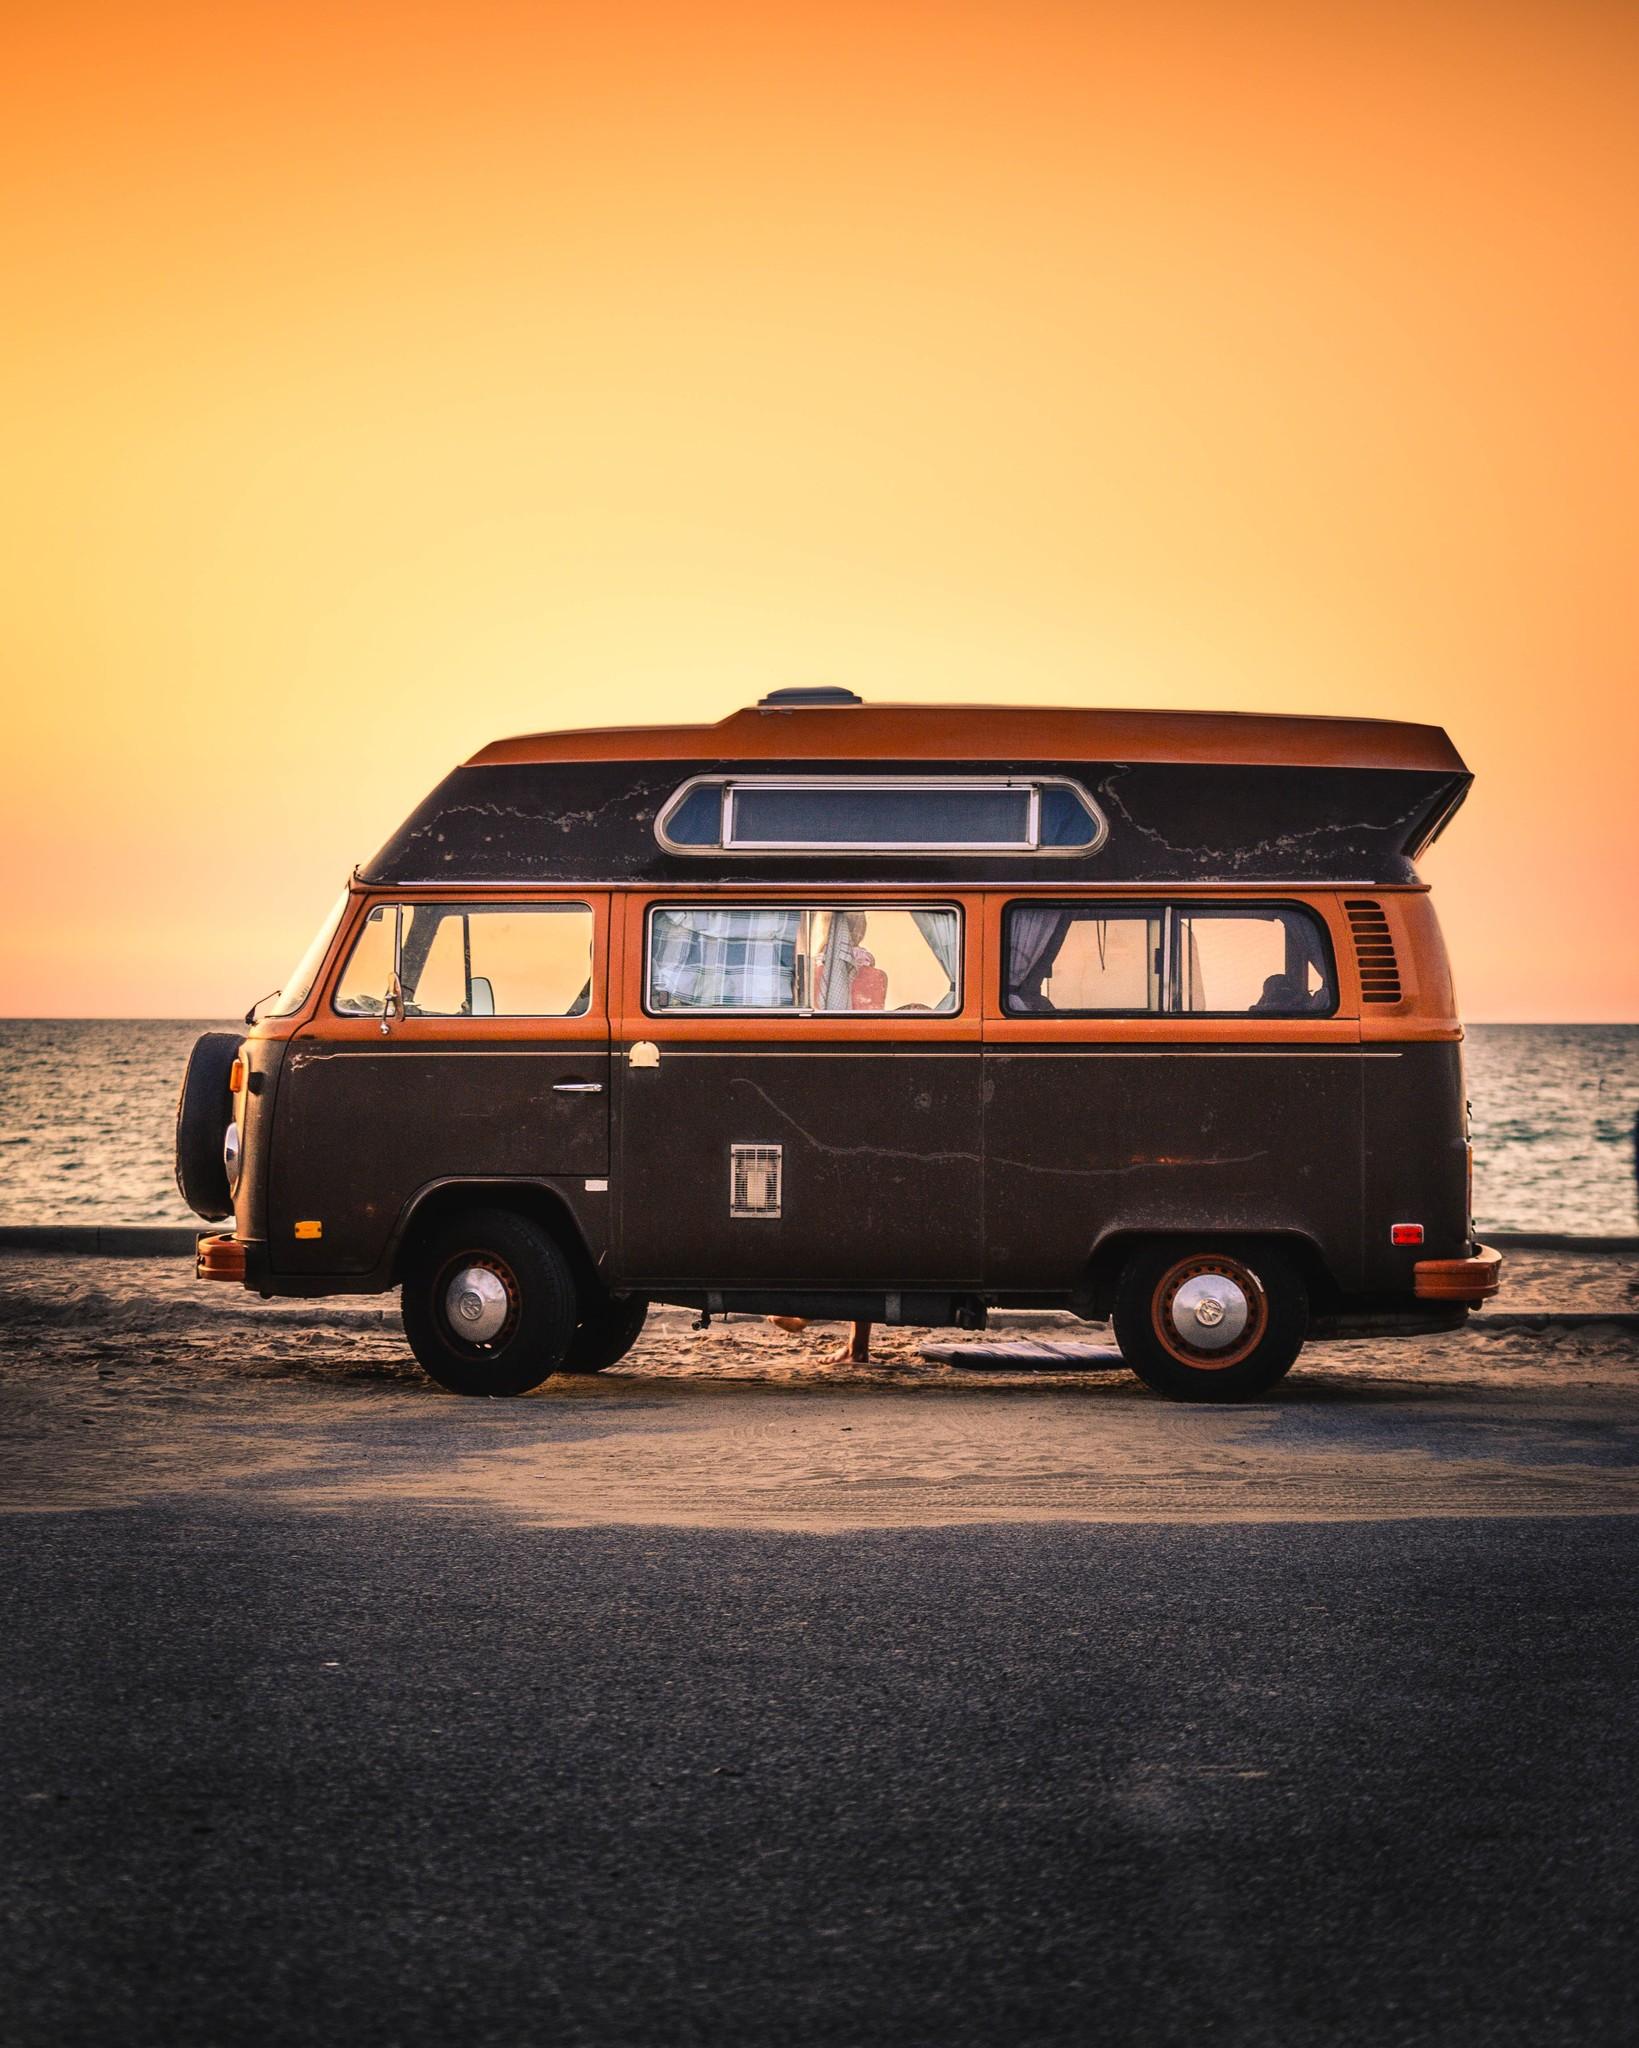 Accu voor camper/caravan; wat heb je nodig?